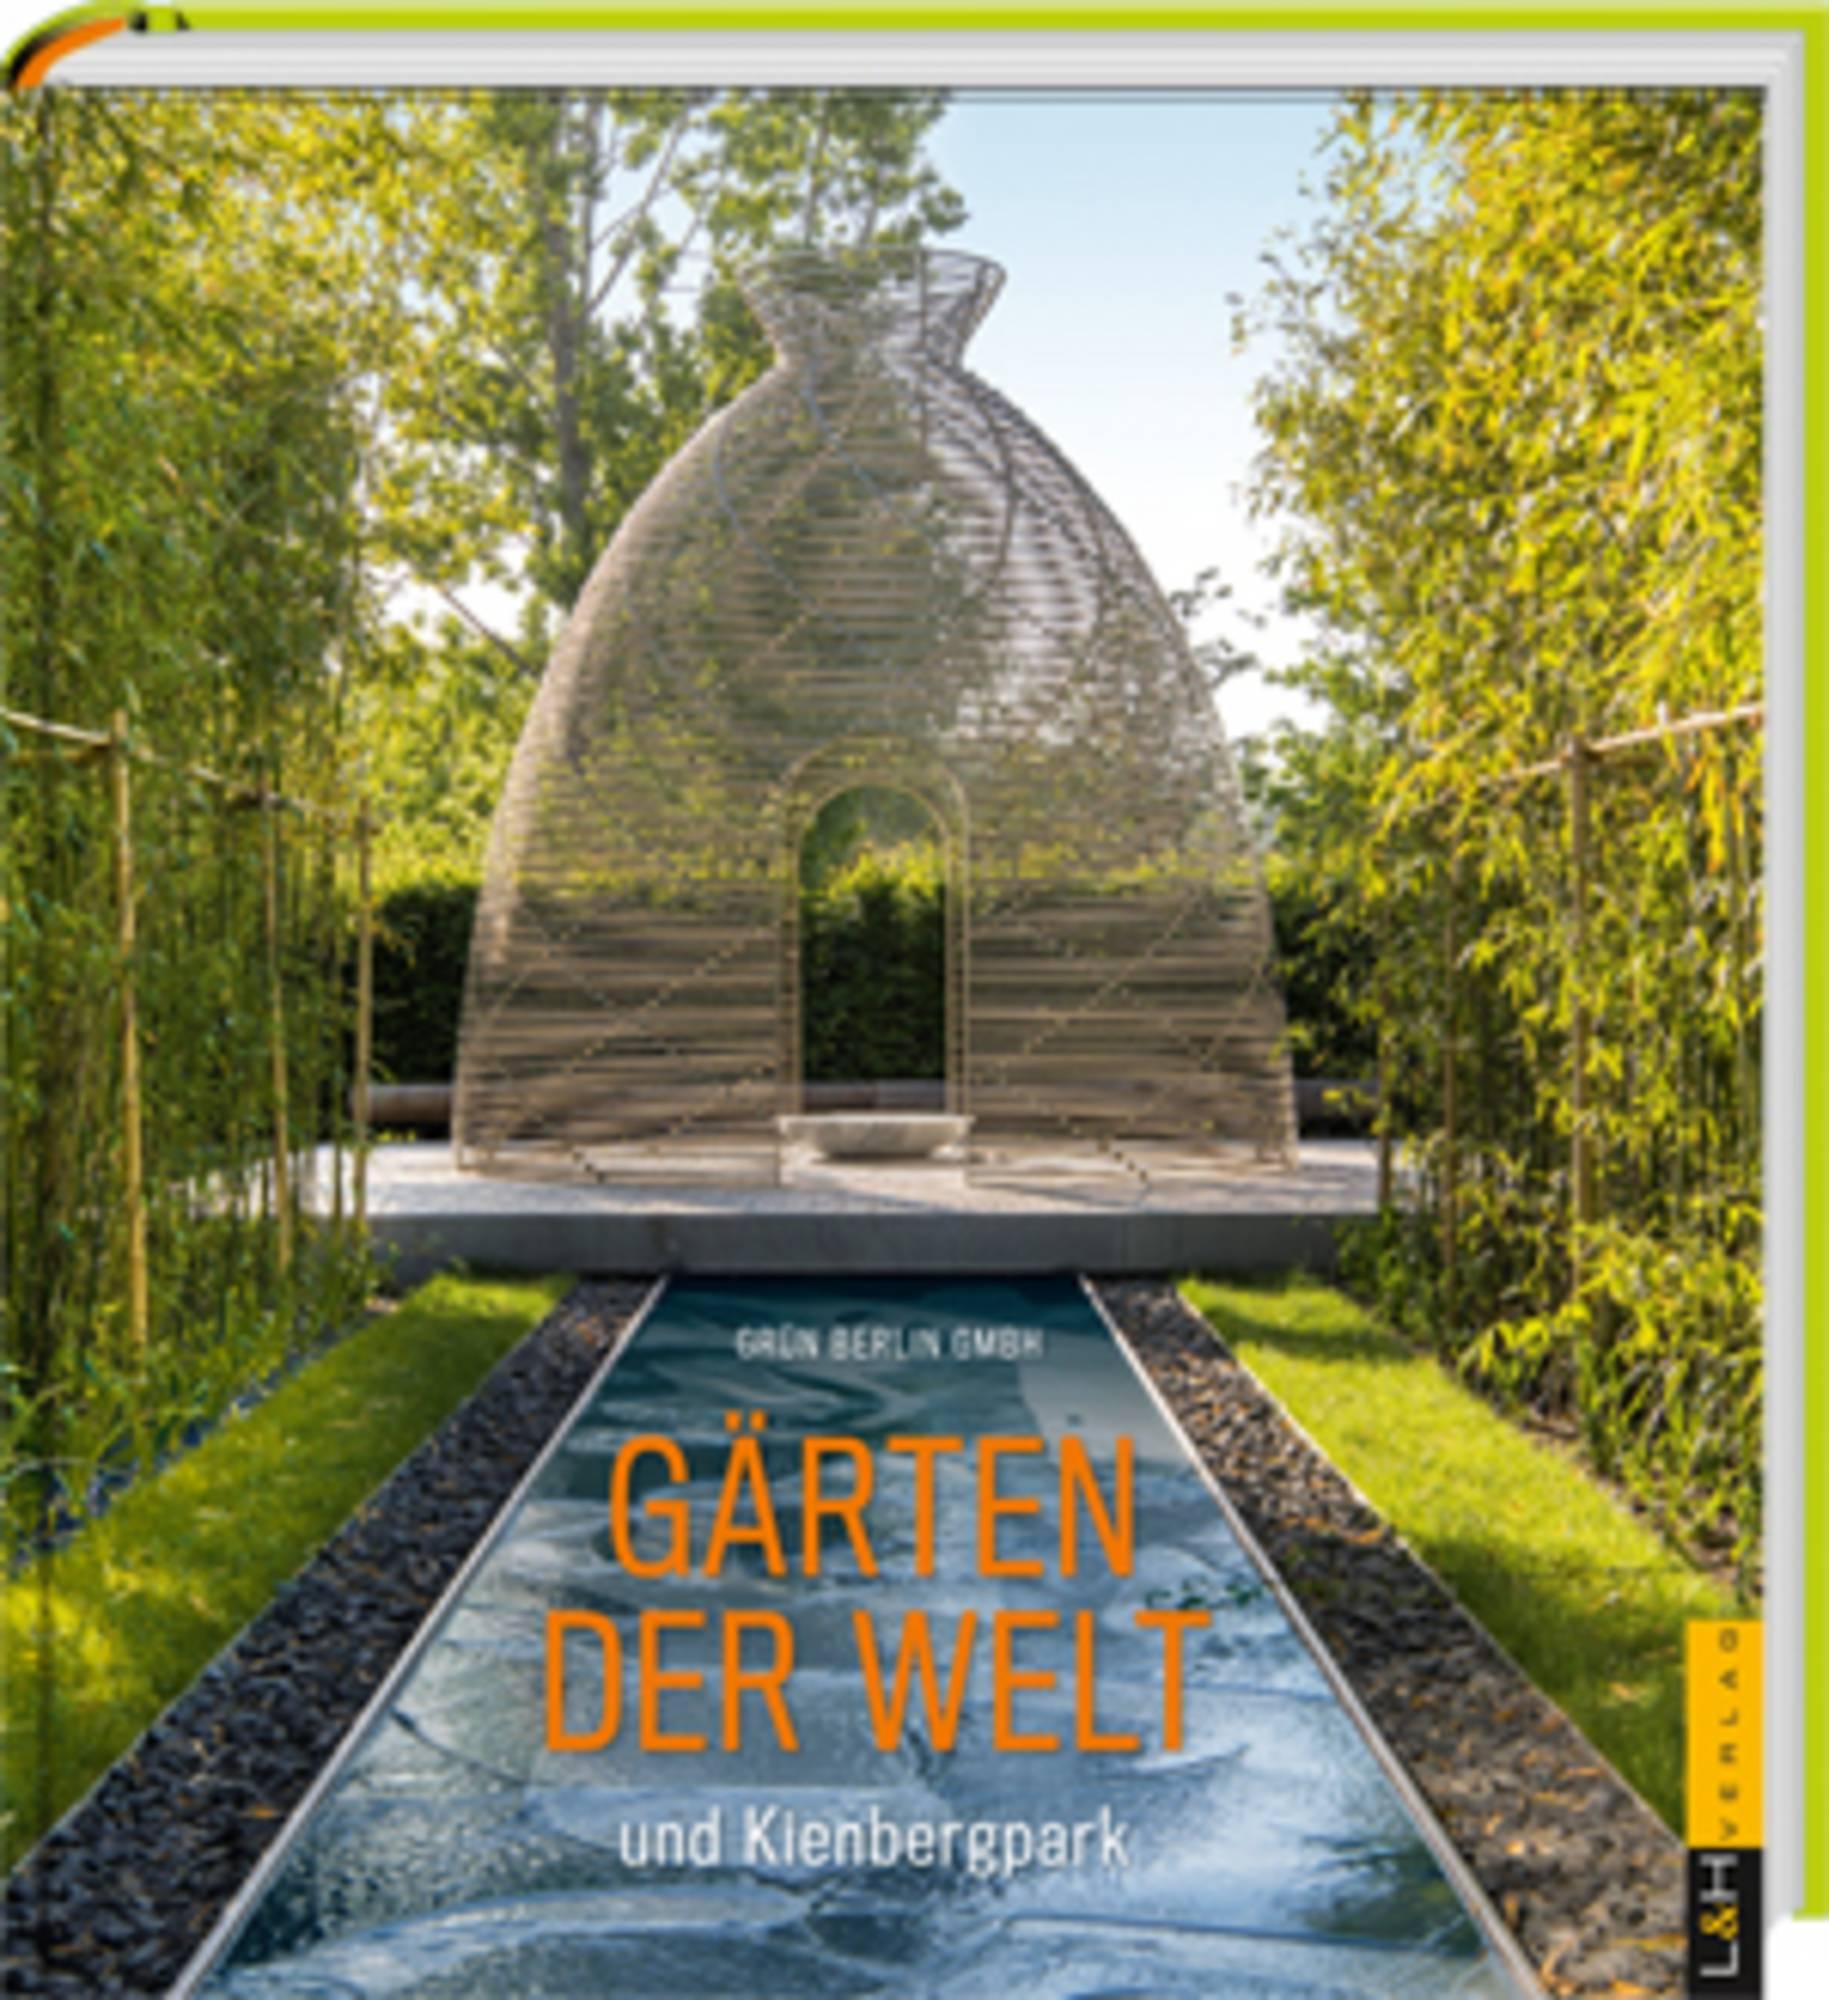 deutsche bundesgartenschau gesellschaft ein mehr aus farben. Black Bedroom Furniture Sets. Home Design Ideas